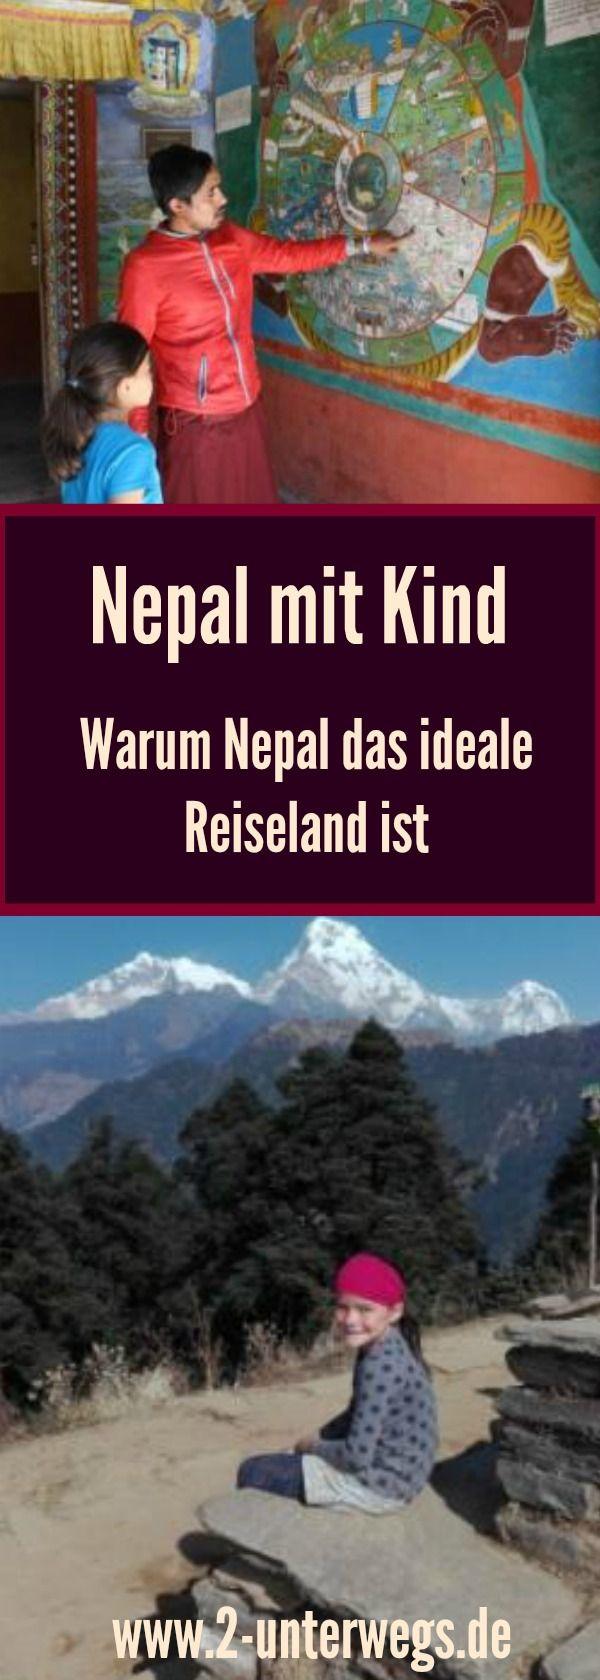 Ich werde sehr häufig gefragt, ob es nicht schwierig ist in Nepal mit Kind zu leben und ob es nicht zu viele Herausforderungen gibt, mit denen wir hier konfrontiert werden. Jedes Mal antworte ich wieder: Nein, Nepal ist das ideale Reiseland mit Kindern und wir könnten uns nicht wohler fühlen. In diesem Artikel möchte ich euch erklären, warum das so ist und was uns besonders gut gefällt.